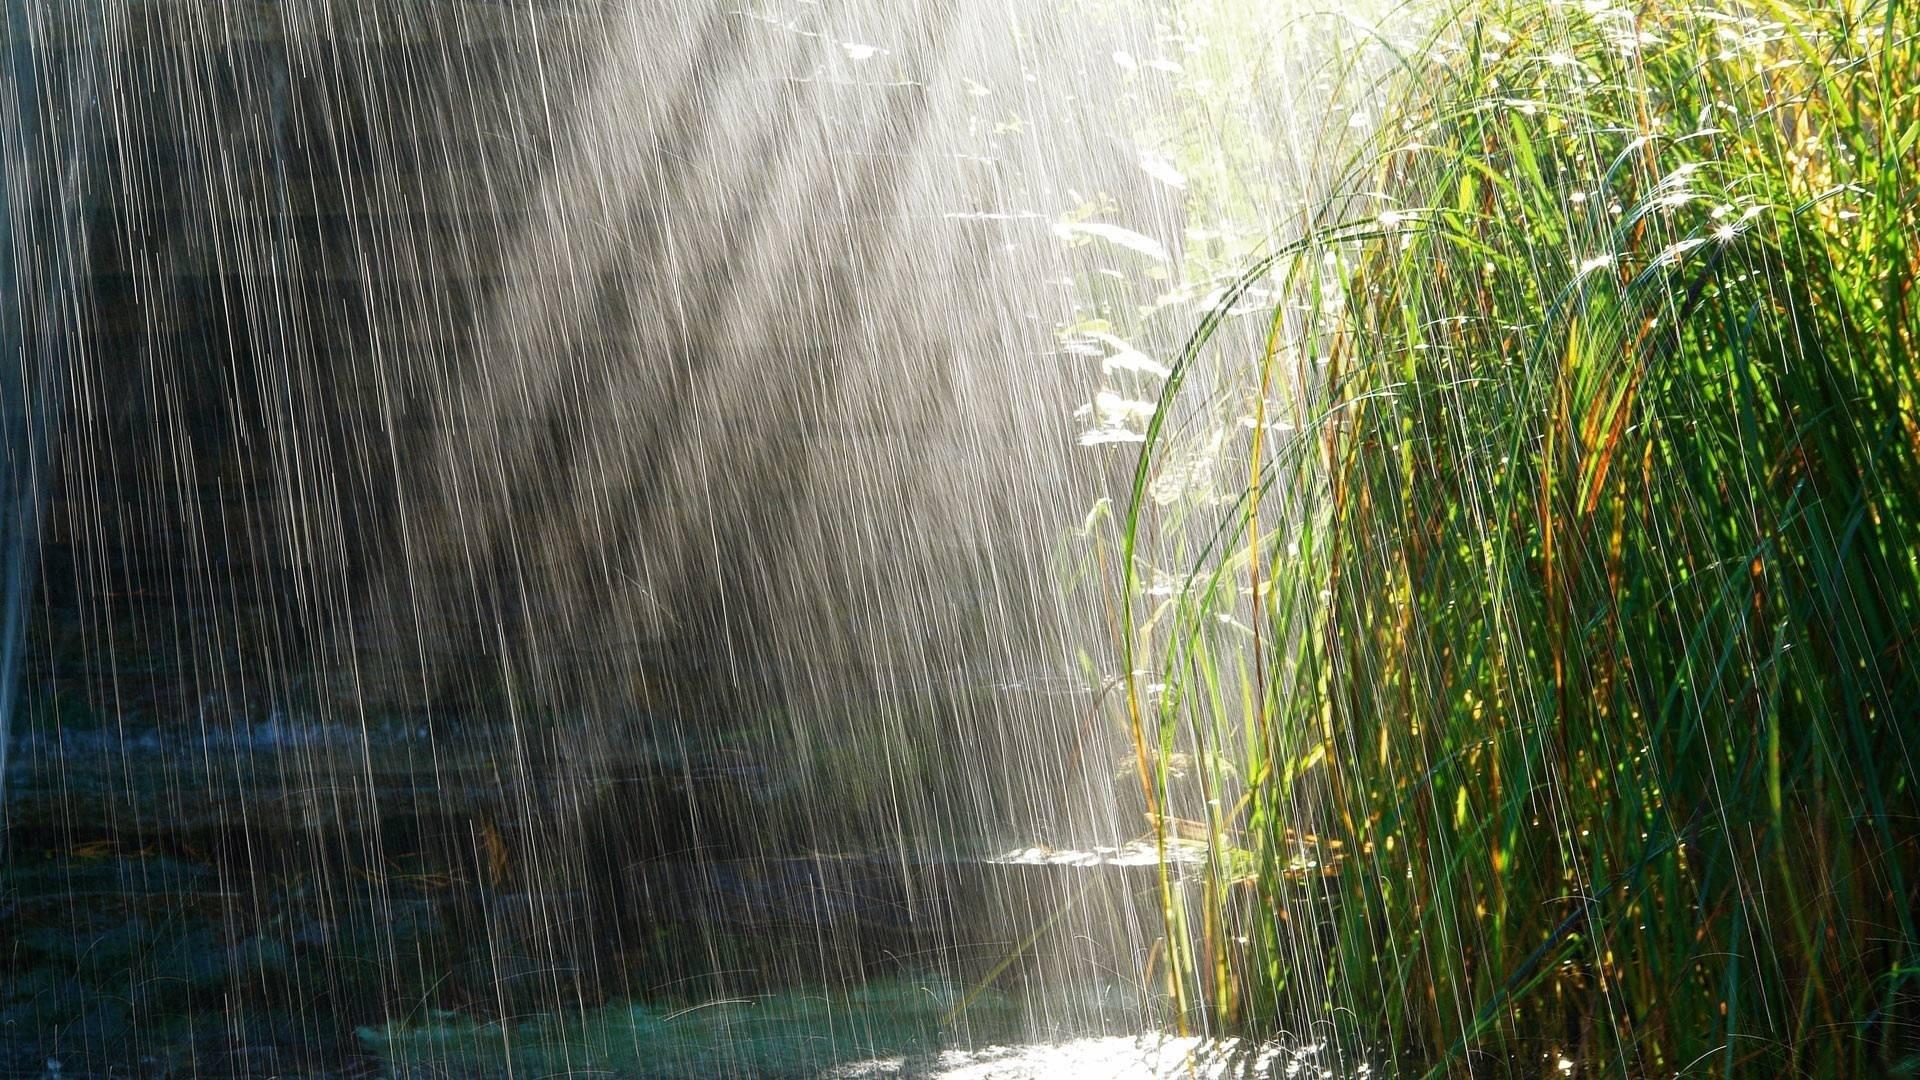 Rain Wallpaper Picture hd